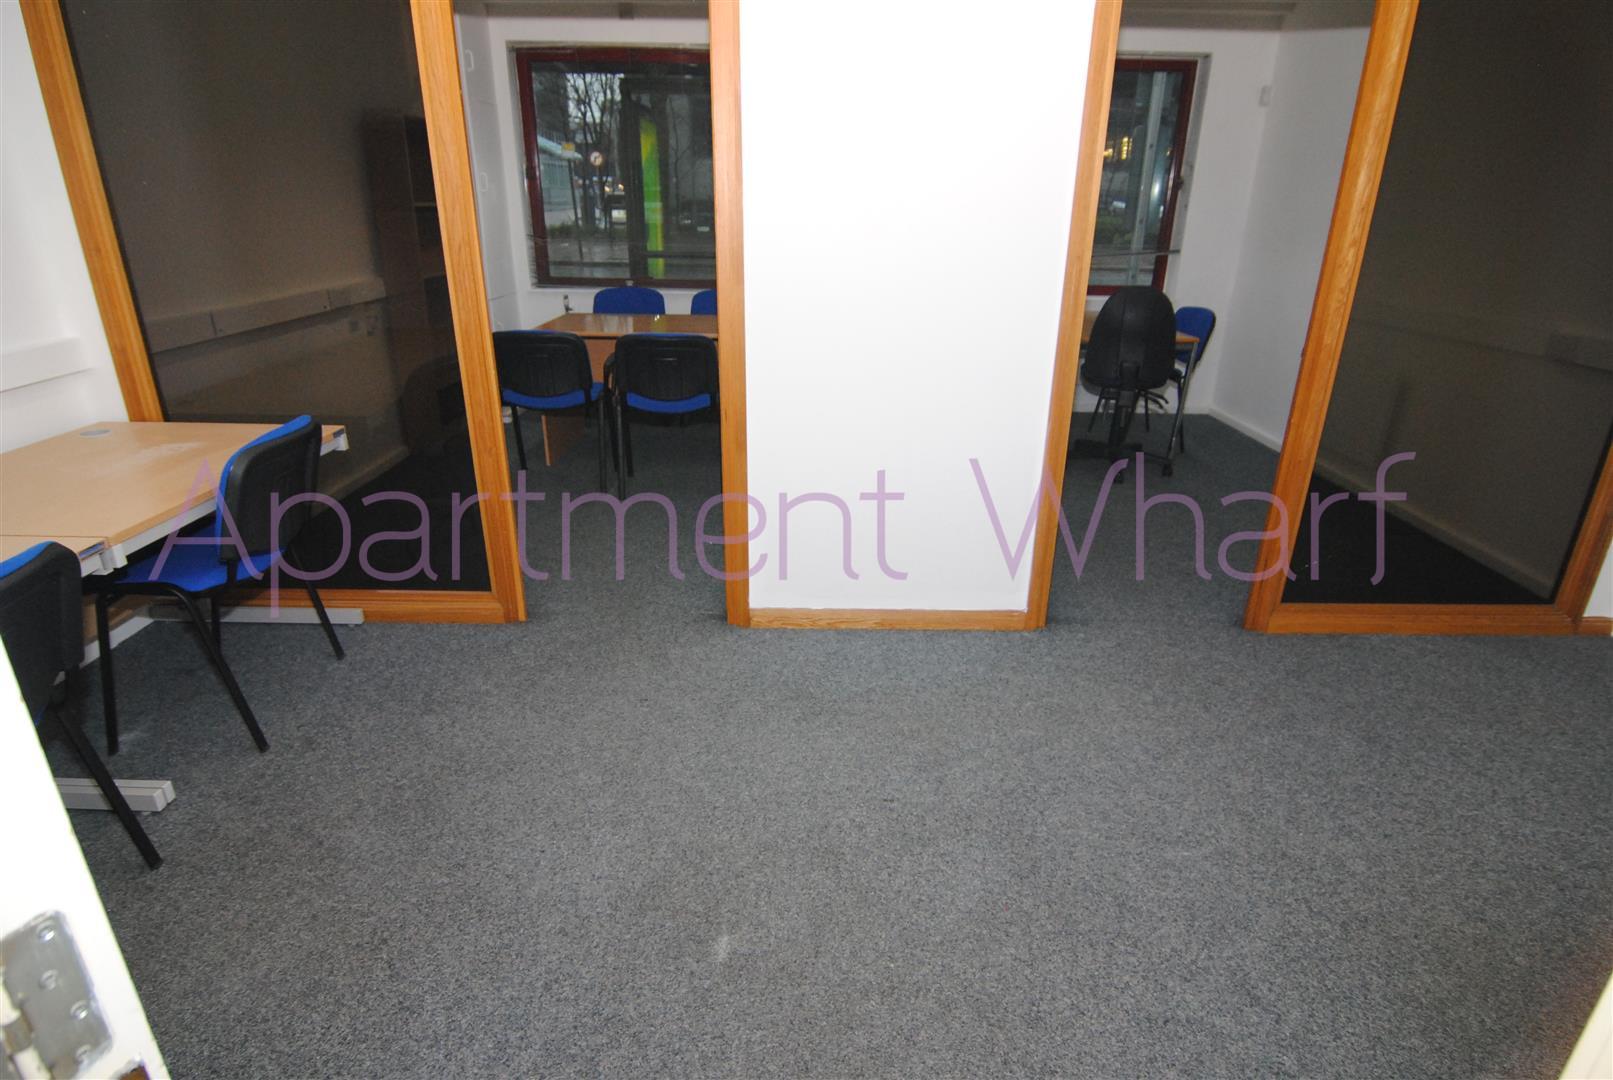 externals  photo